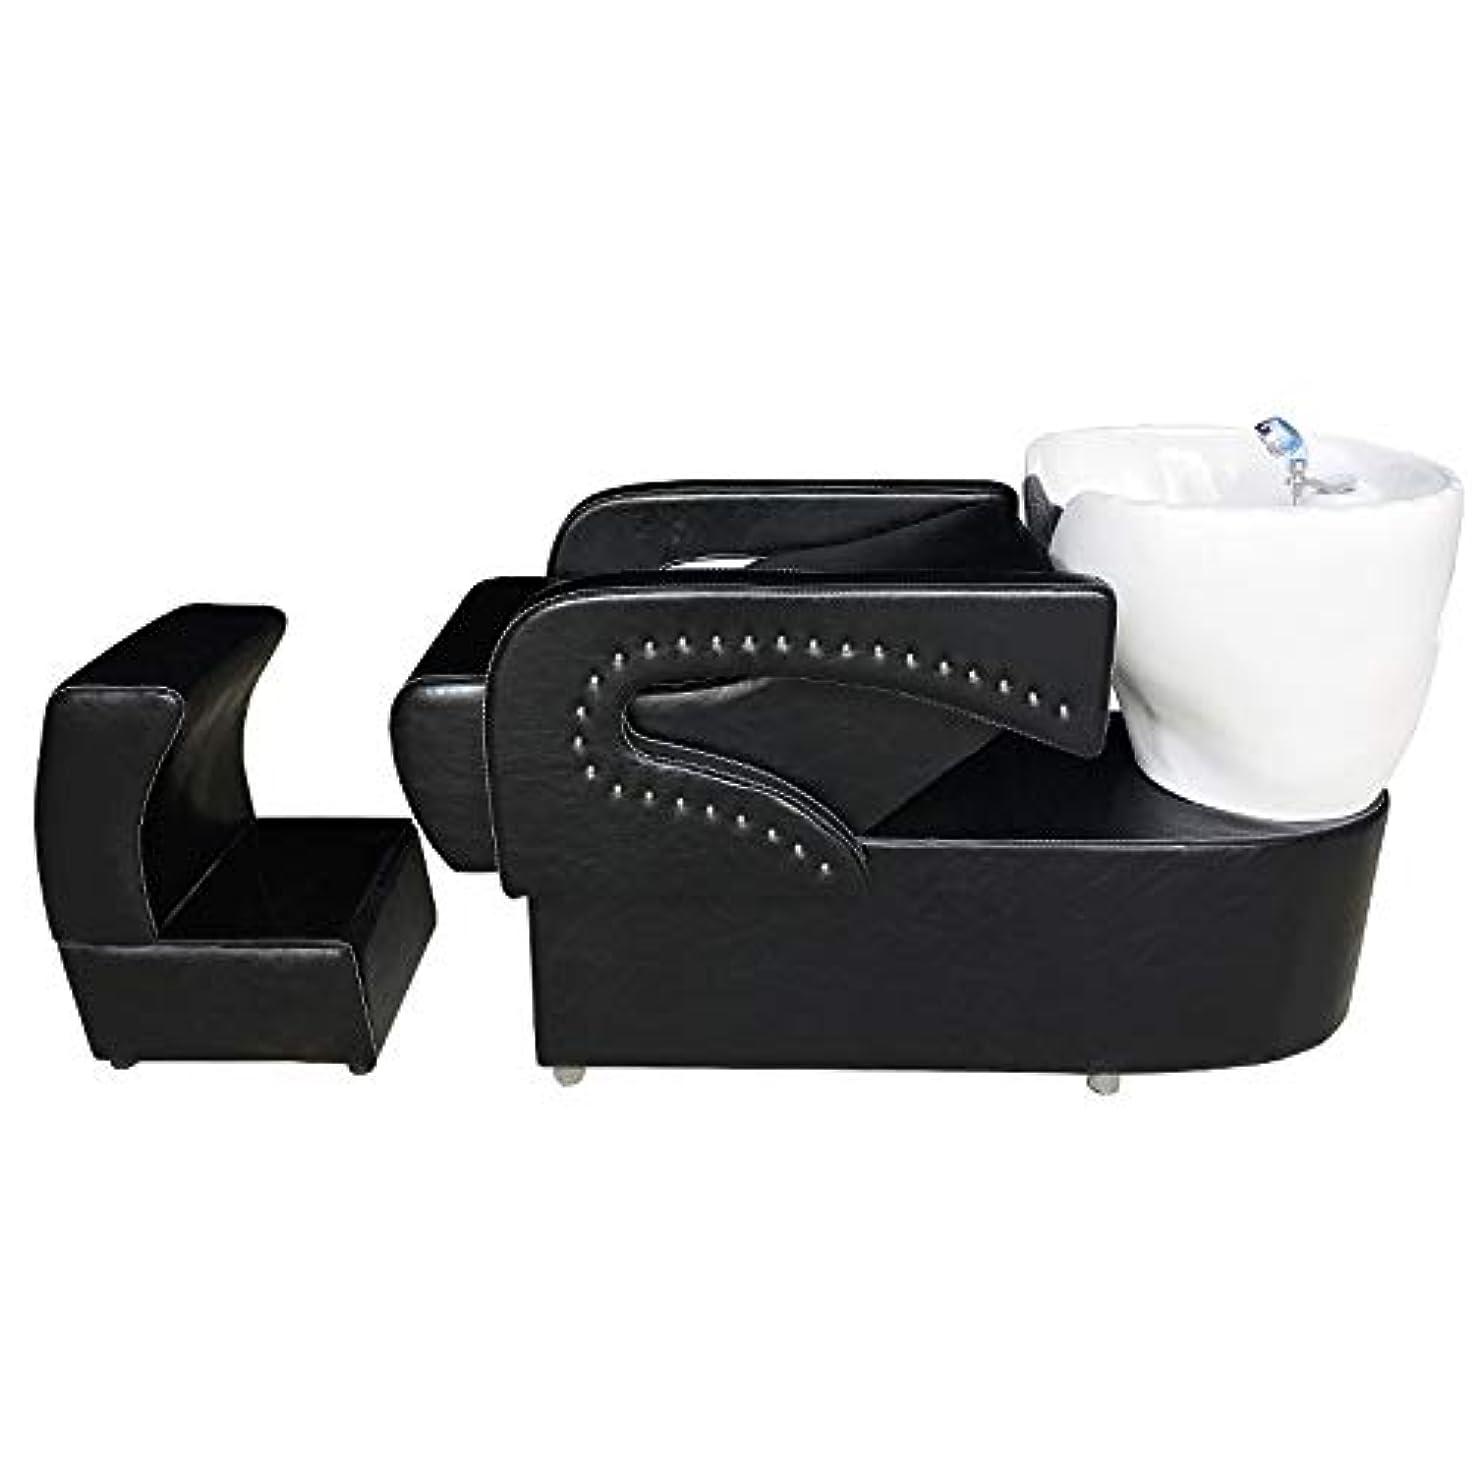 マディソン付与相対サイズシャンプーの理髪師の逆洗の椅子、鉱泉の美容院のためのシャンプーボールの流しの椅子は半くぼみのフラッシュベッドを流します